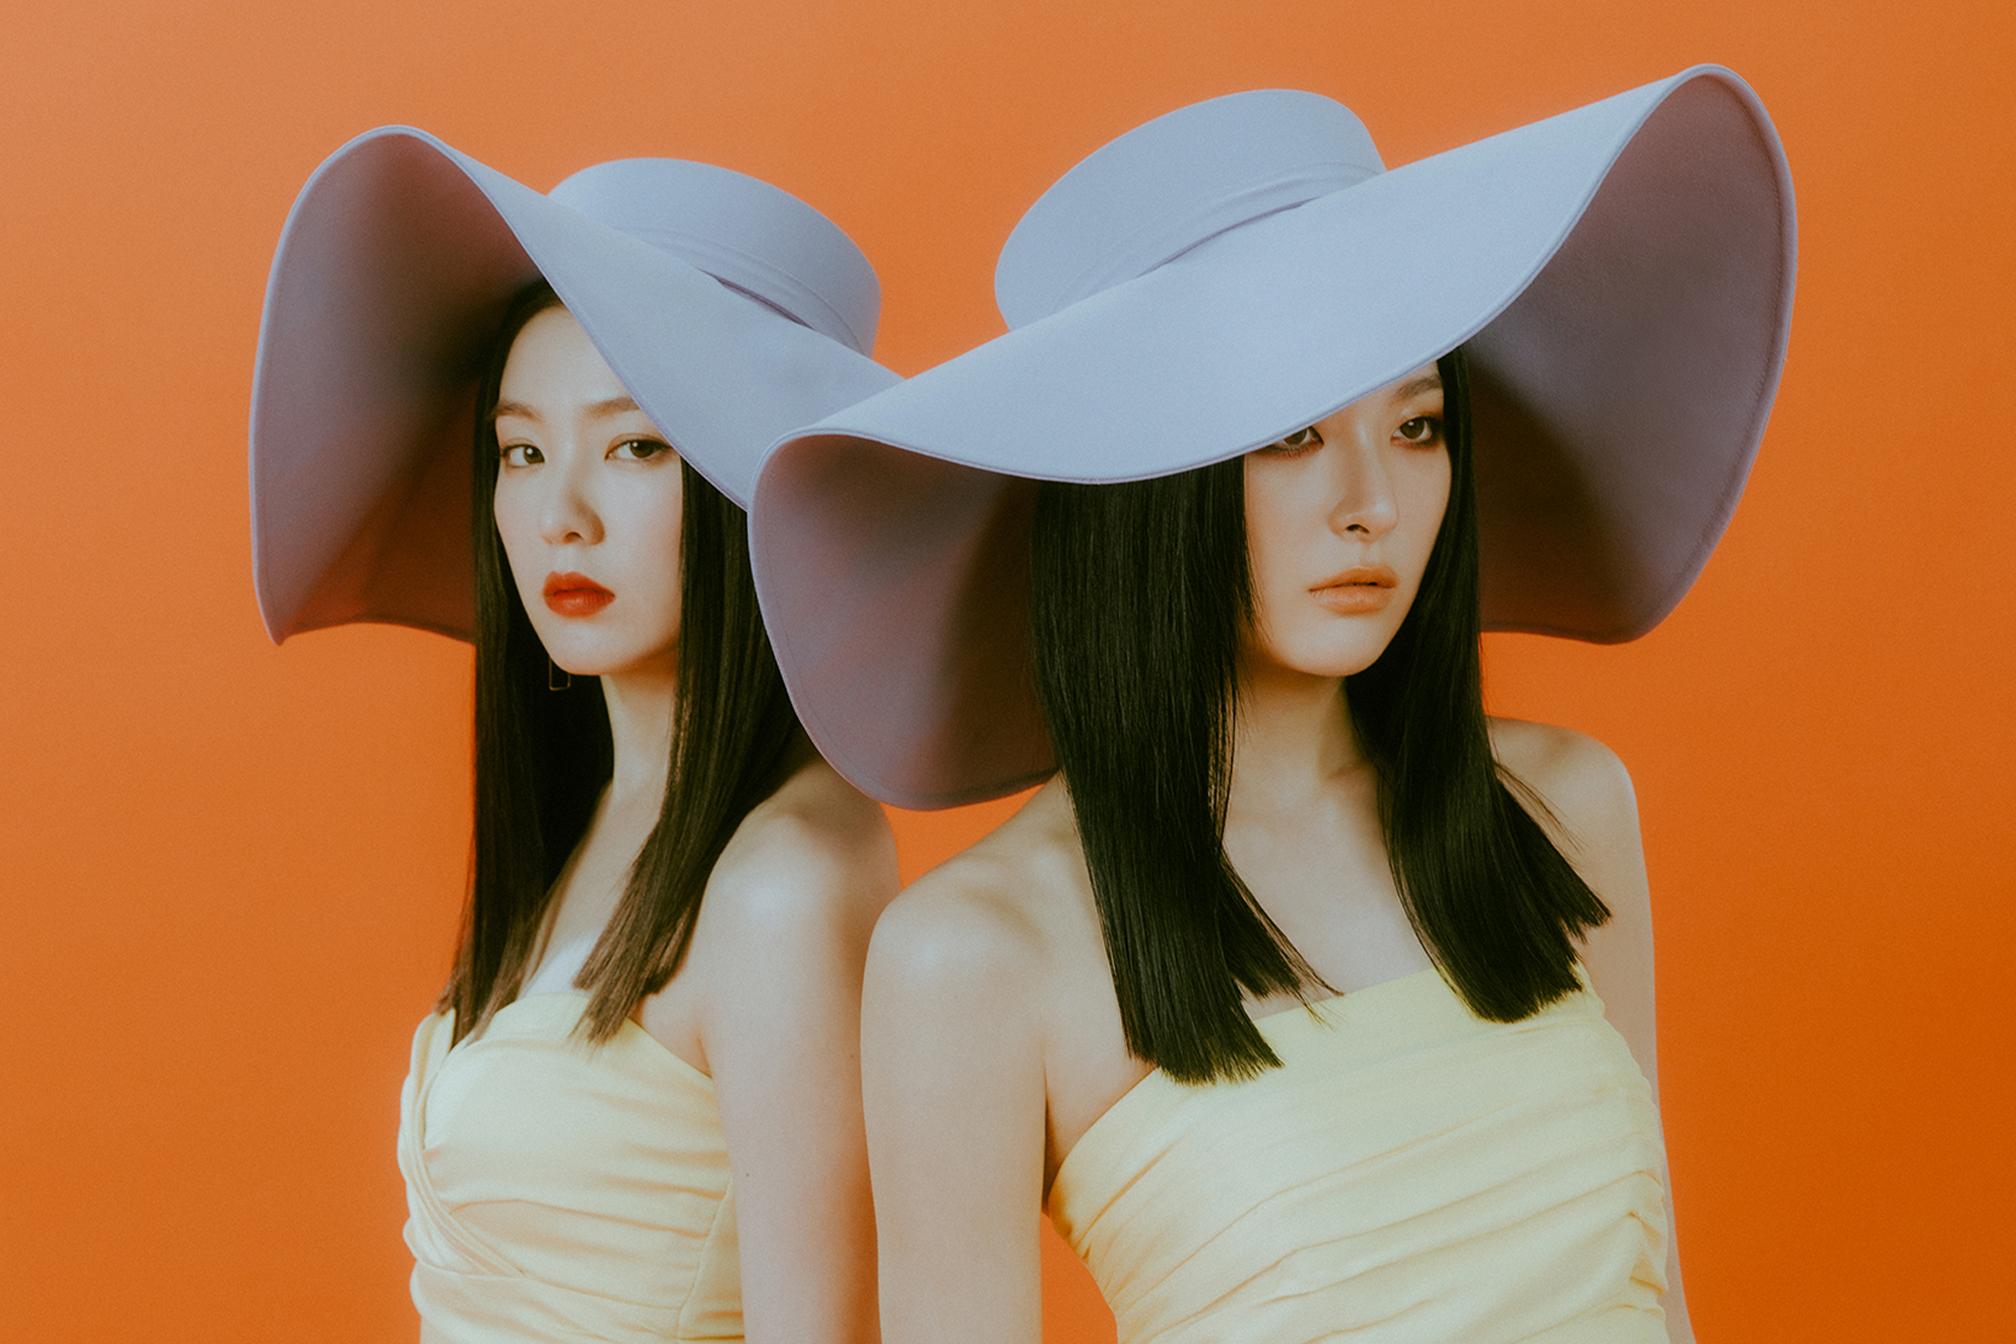 Red Velvet IRENE & SEULGI Monster Teaser 2 Group